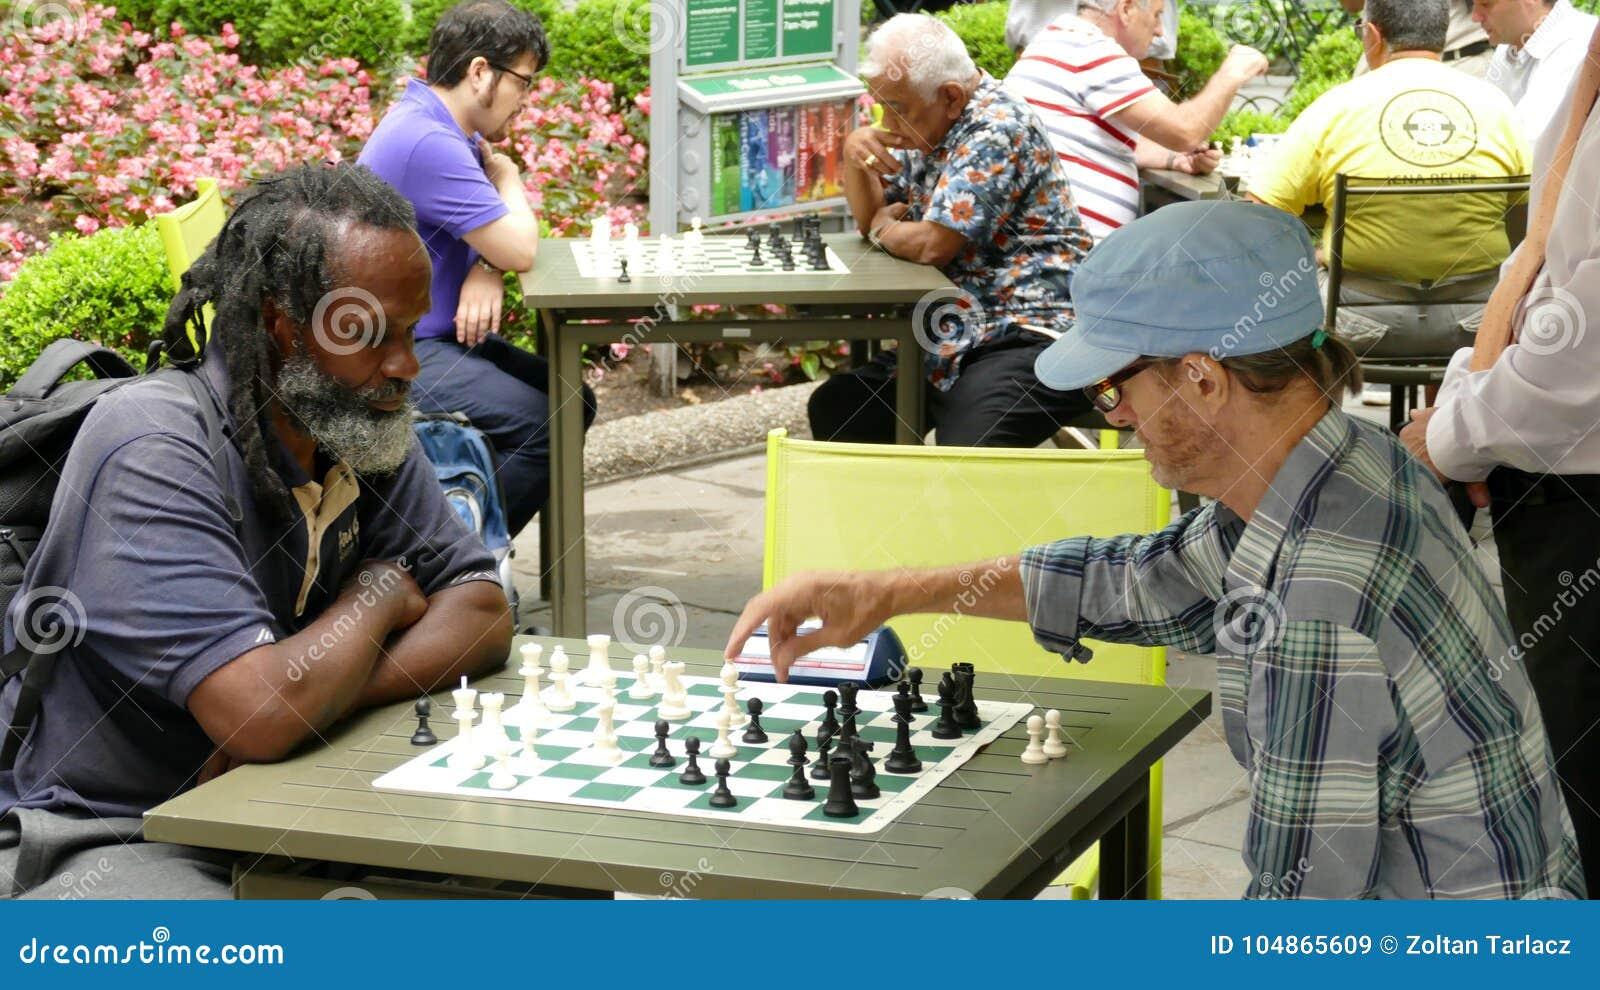 New York City, USA - jouer 28 juin 2016 des échecs est très populaire en Bryant Park à New York City